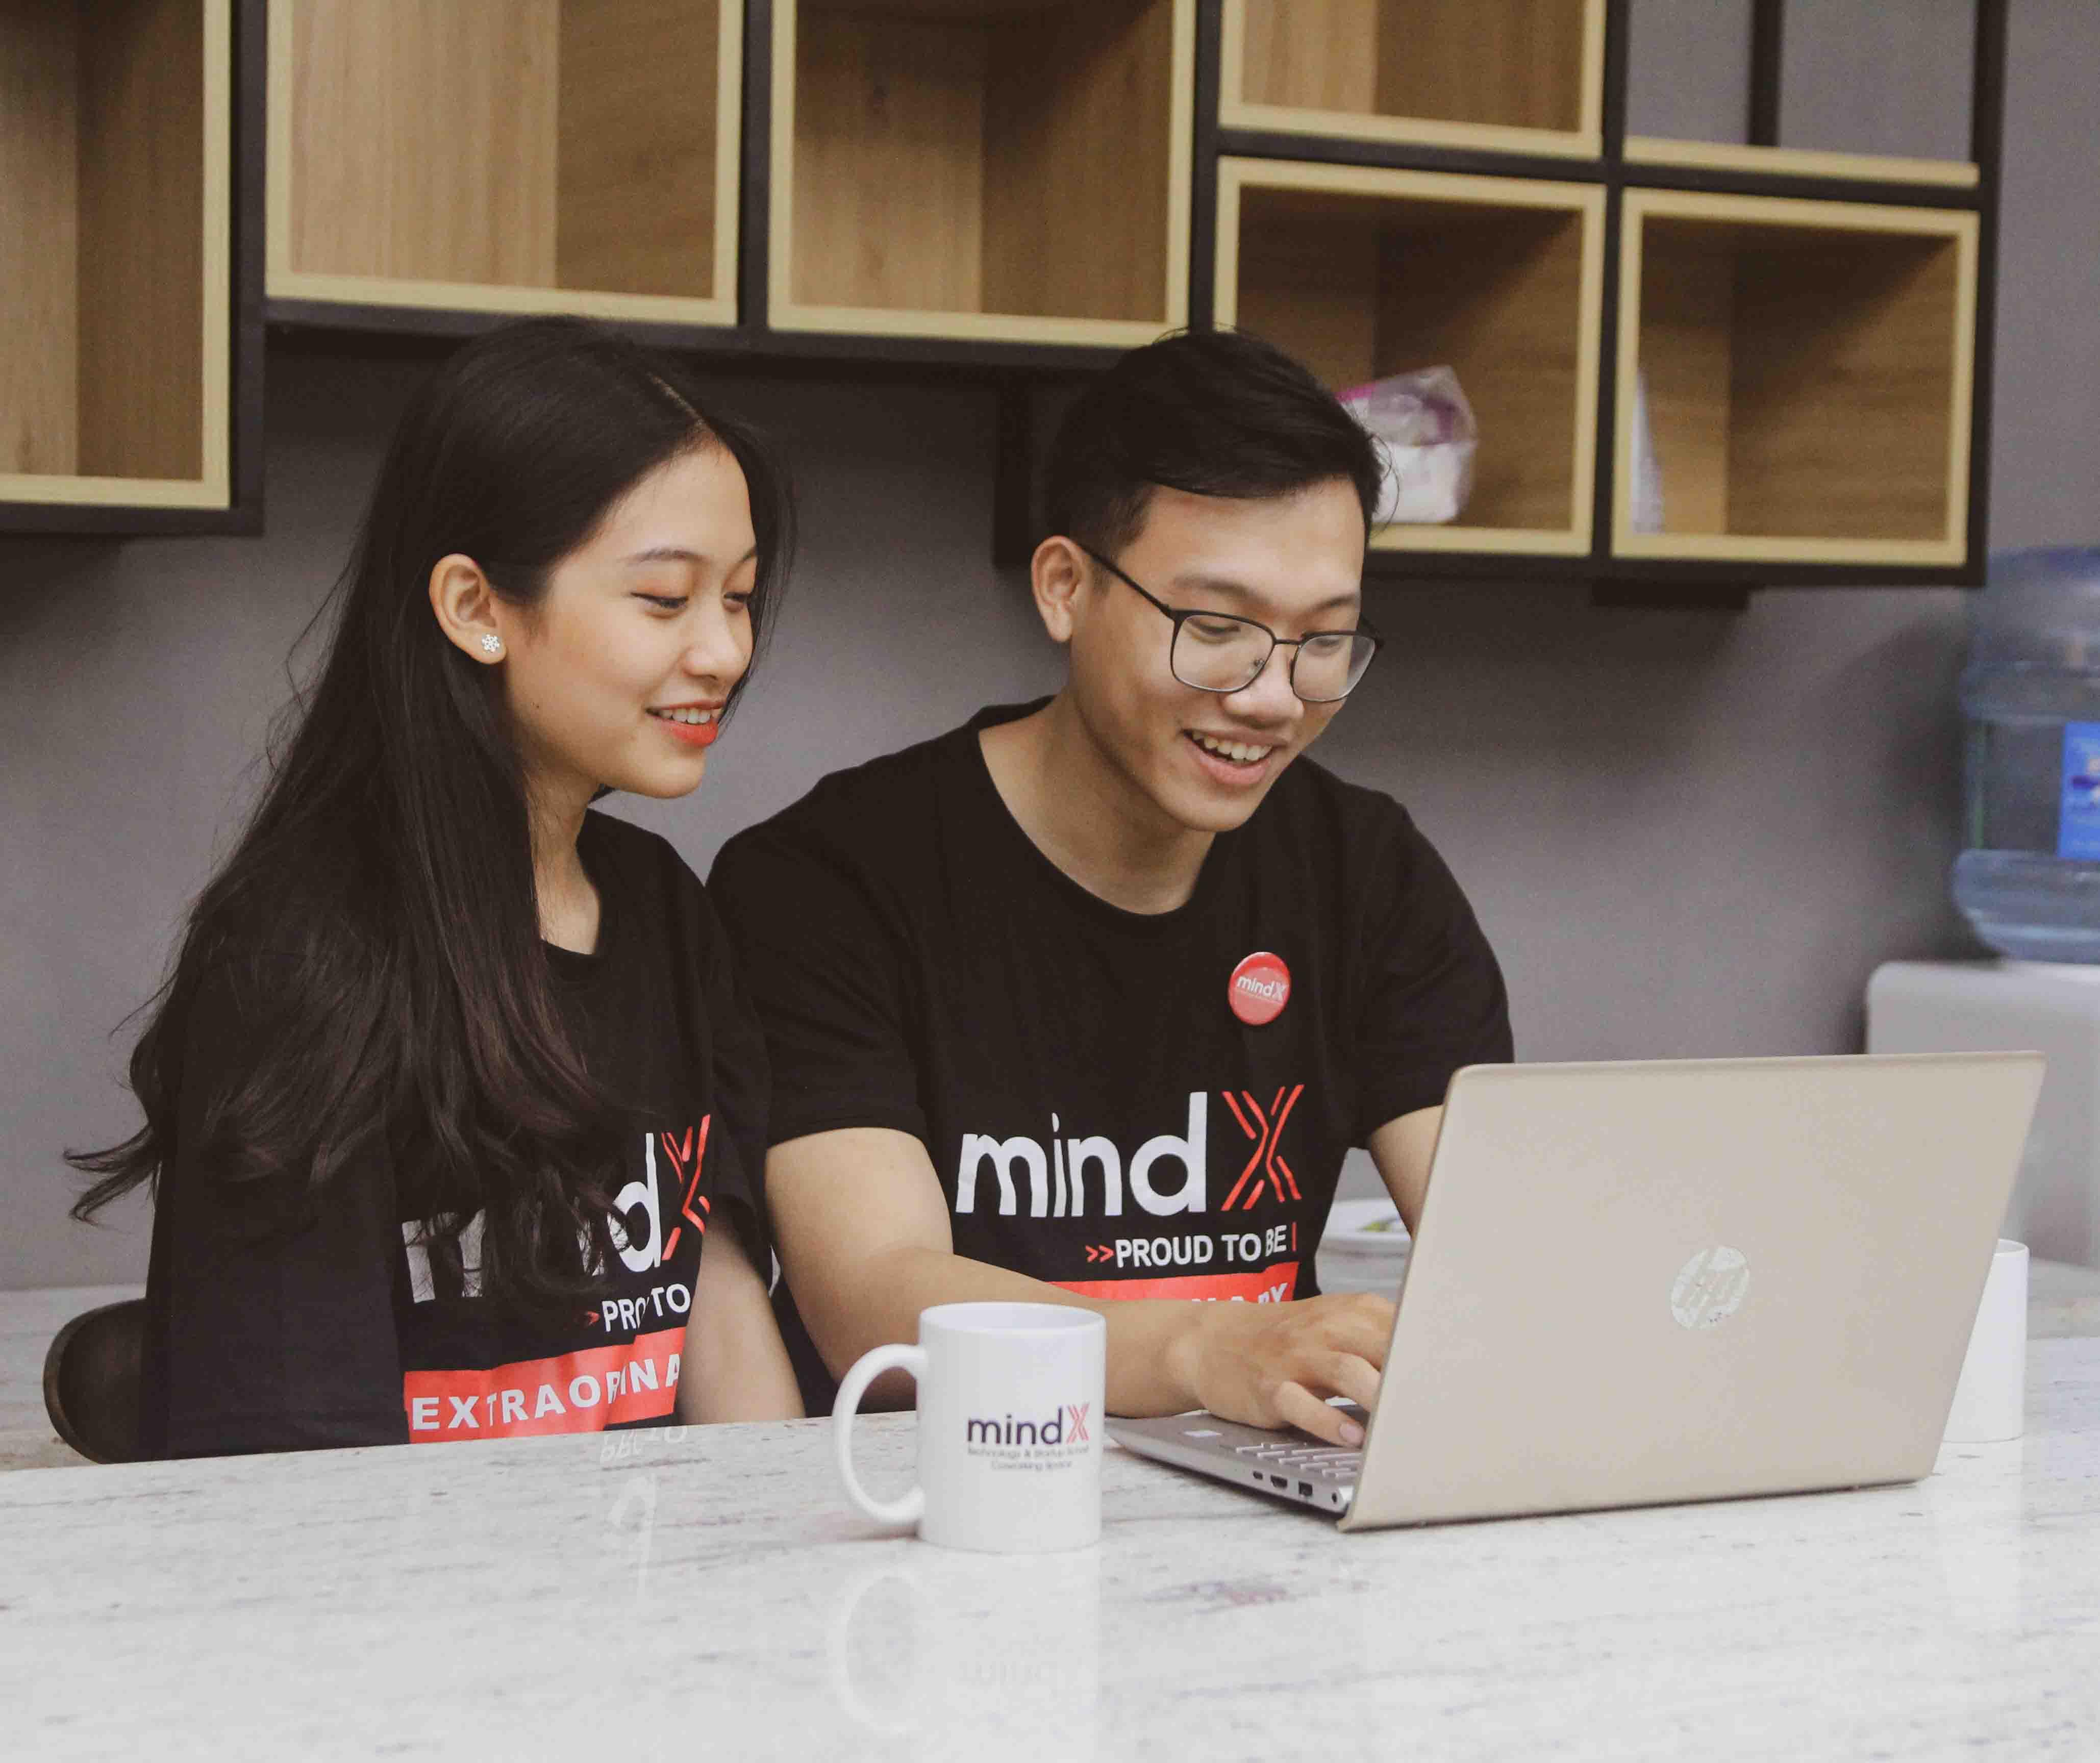 Khóa học lập trình cho người mới bắt đầu tại Mindx có gì khác biệt?